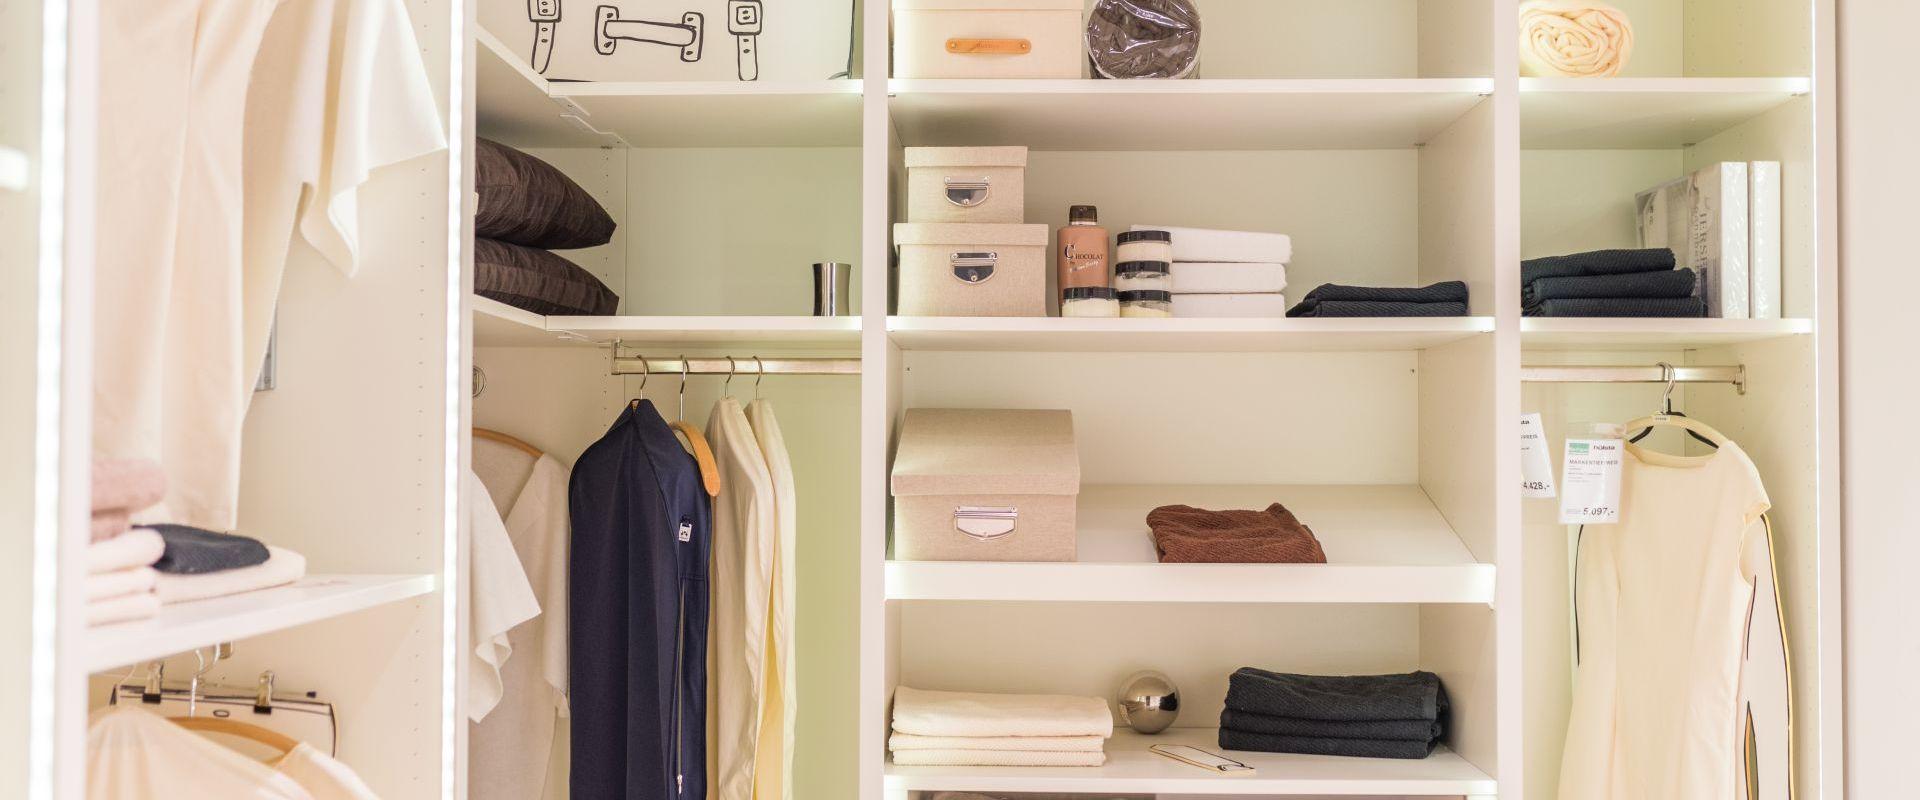 Ein Begehbarer Kleiderschrank Fur Ihr Schlafzimmer Spilger De